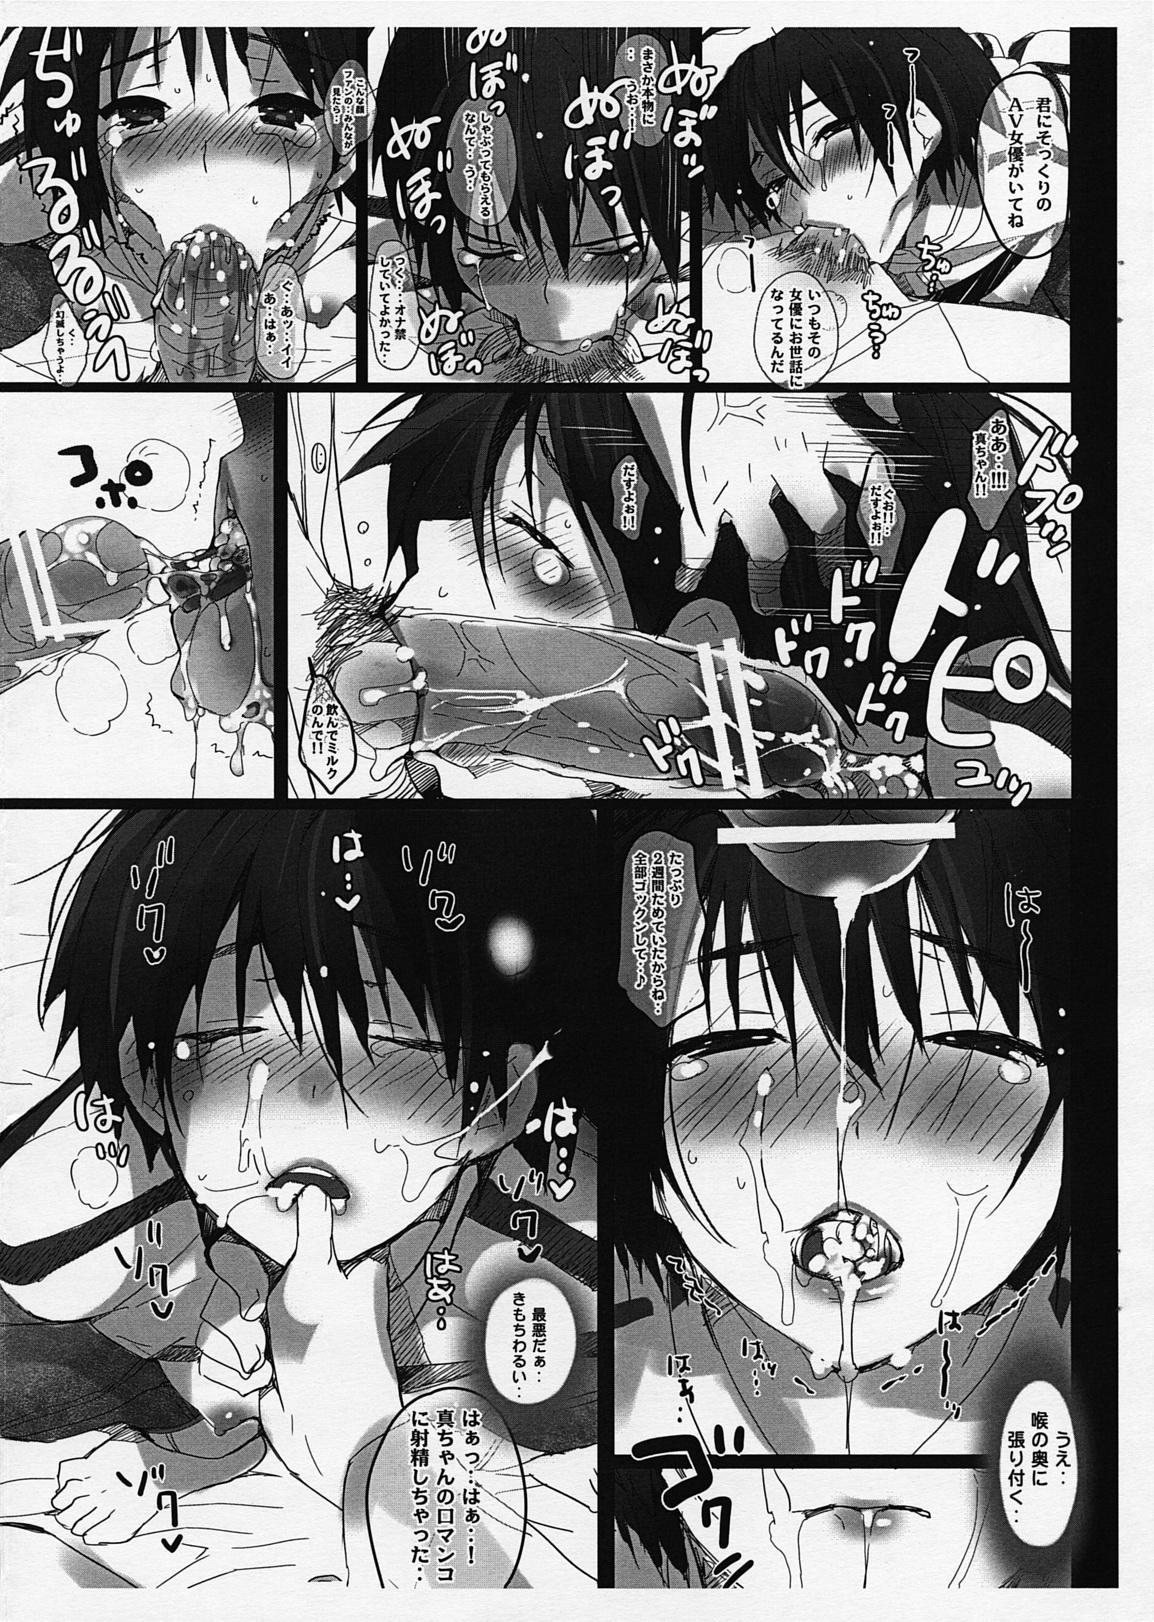 Nakenashi Pheromone 3